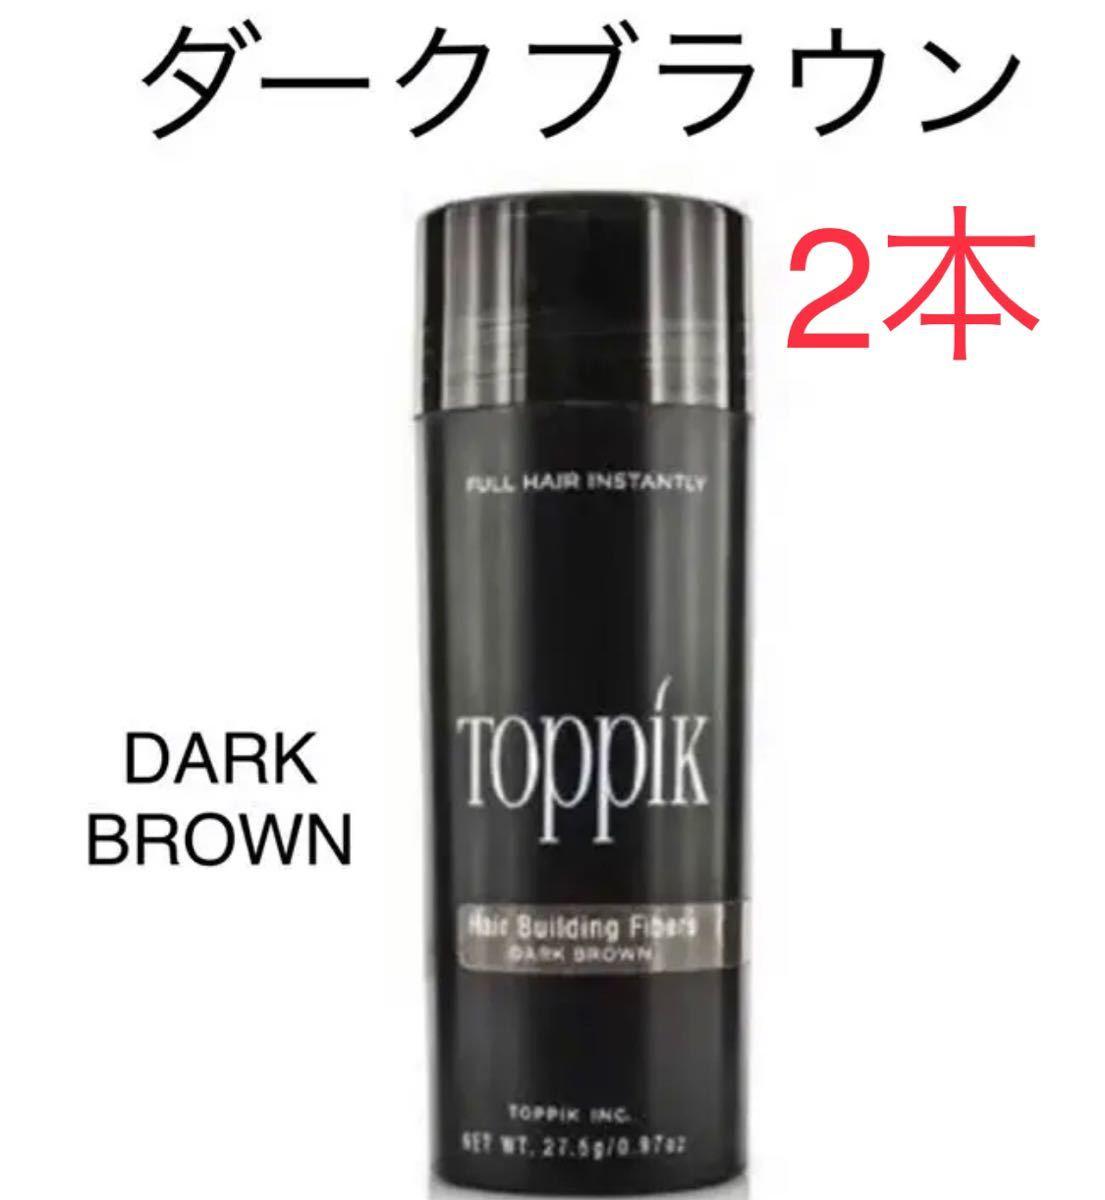 【ダークブラウン】toppik  トピック (2本) 増毛 ケラチンパウダー